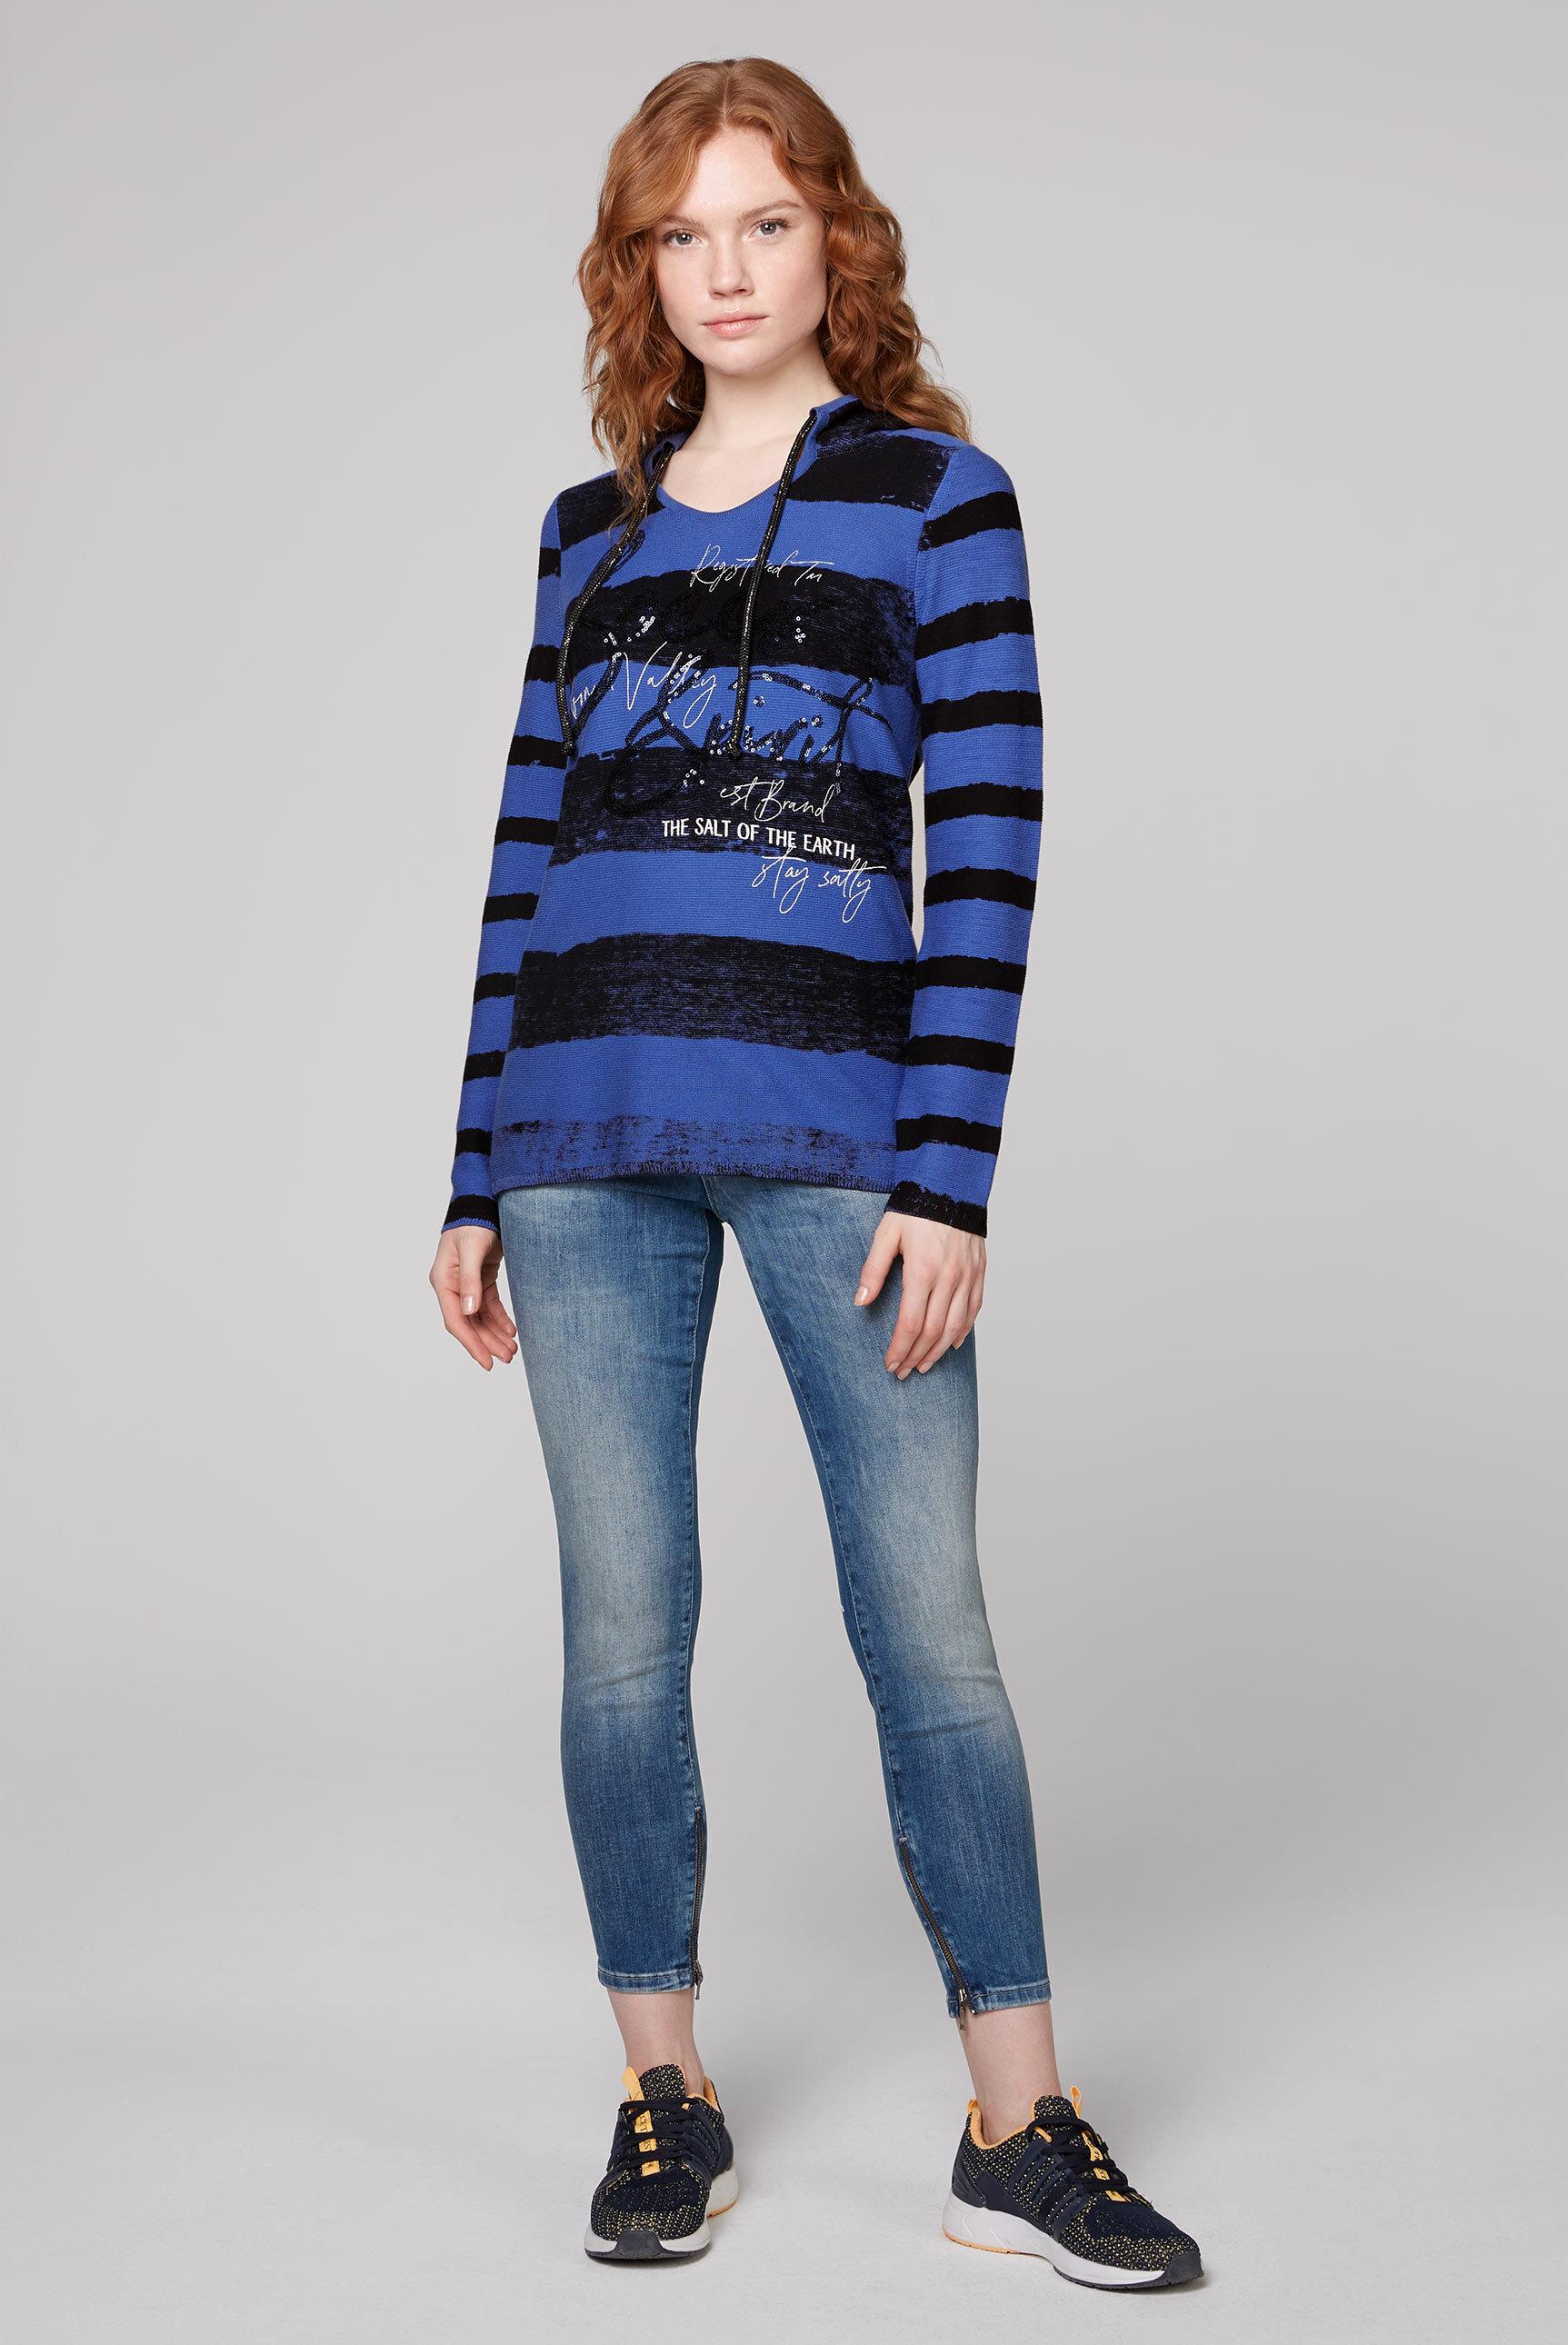 Pullover mit Kapuze, Streifen und Artwork